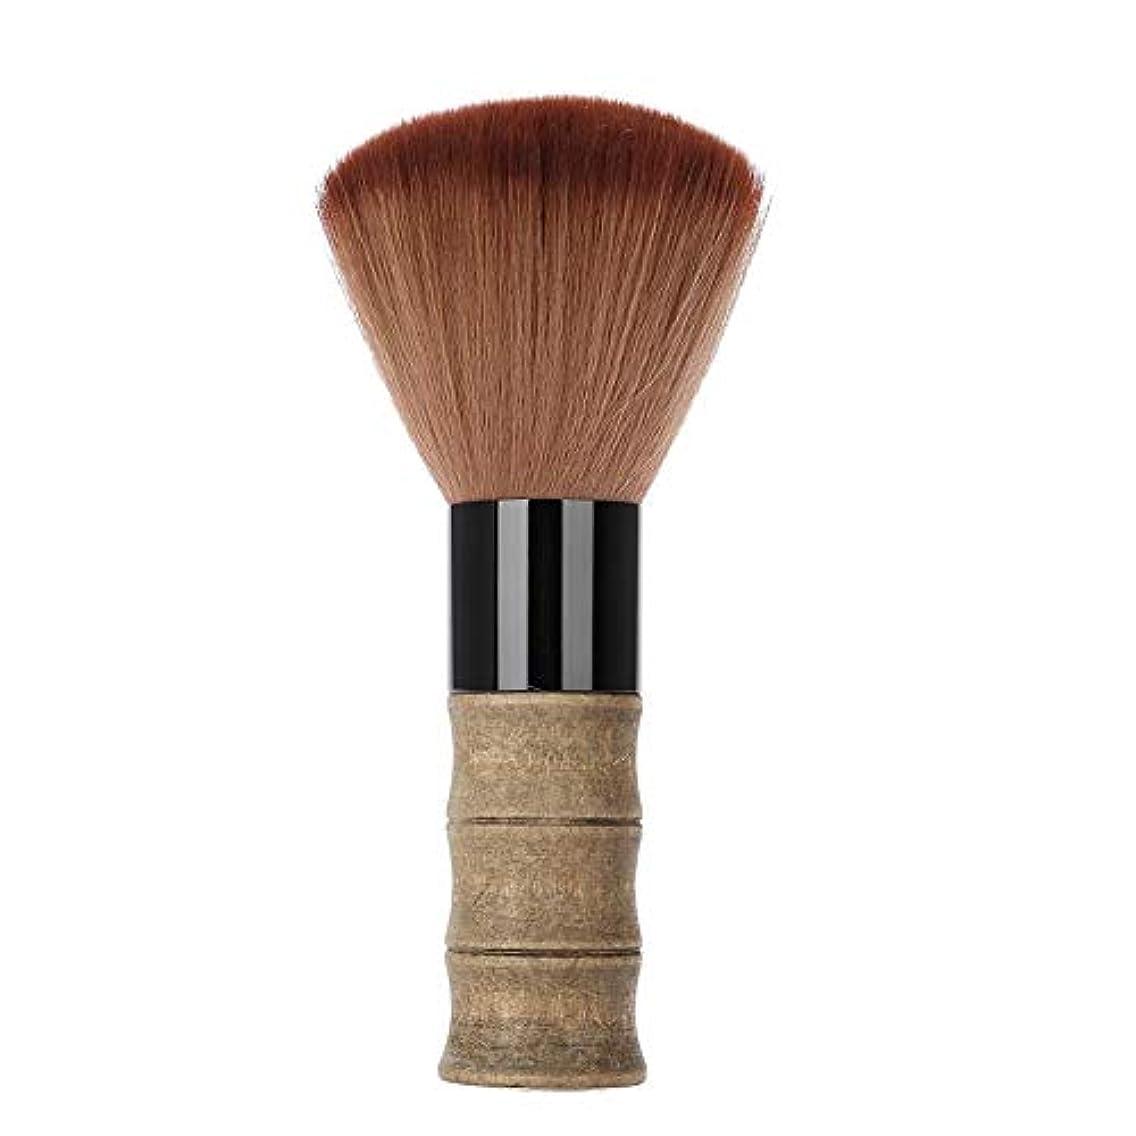 ヘアブラシ ヘアカット ヘアスポンジ ネック理髪店 掃除前髪 美容院 家用 携帯用